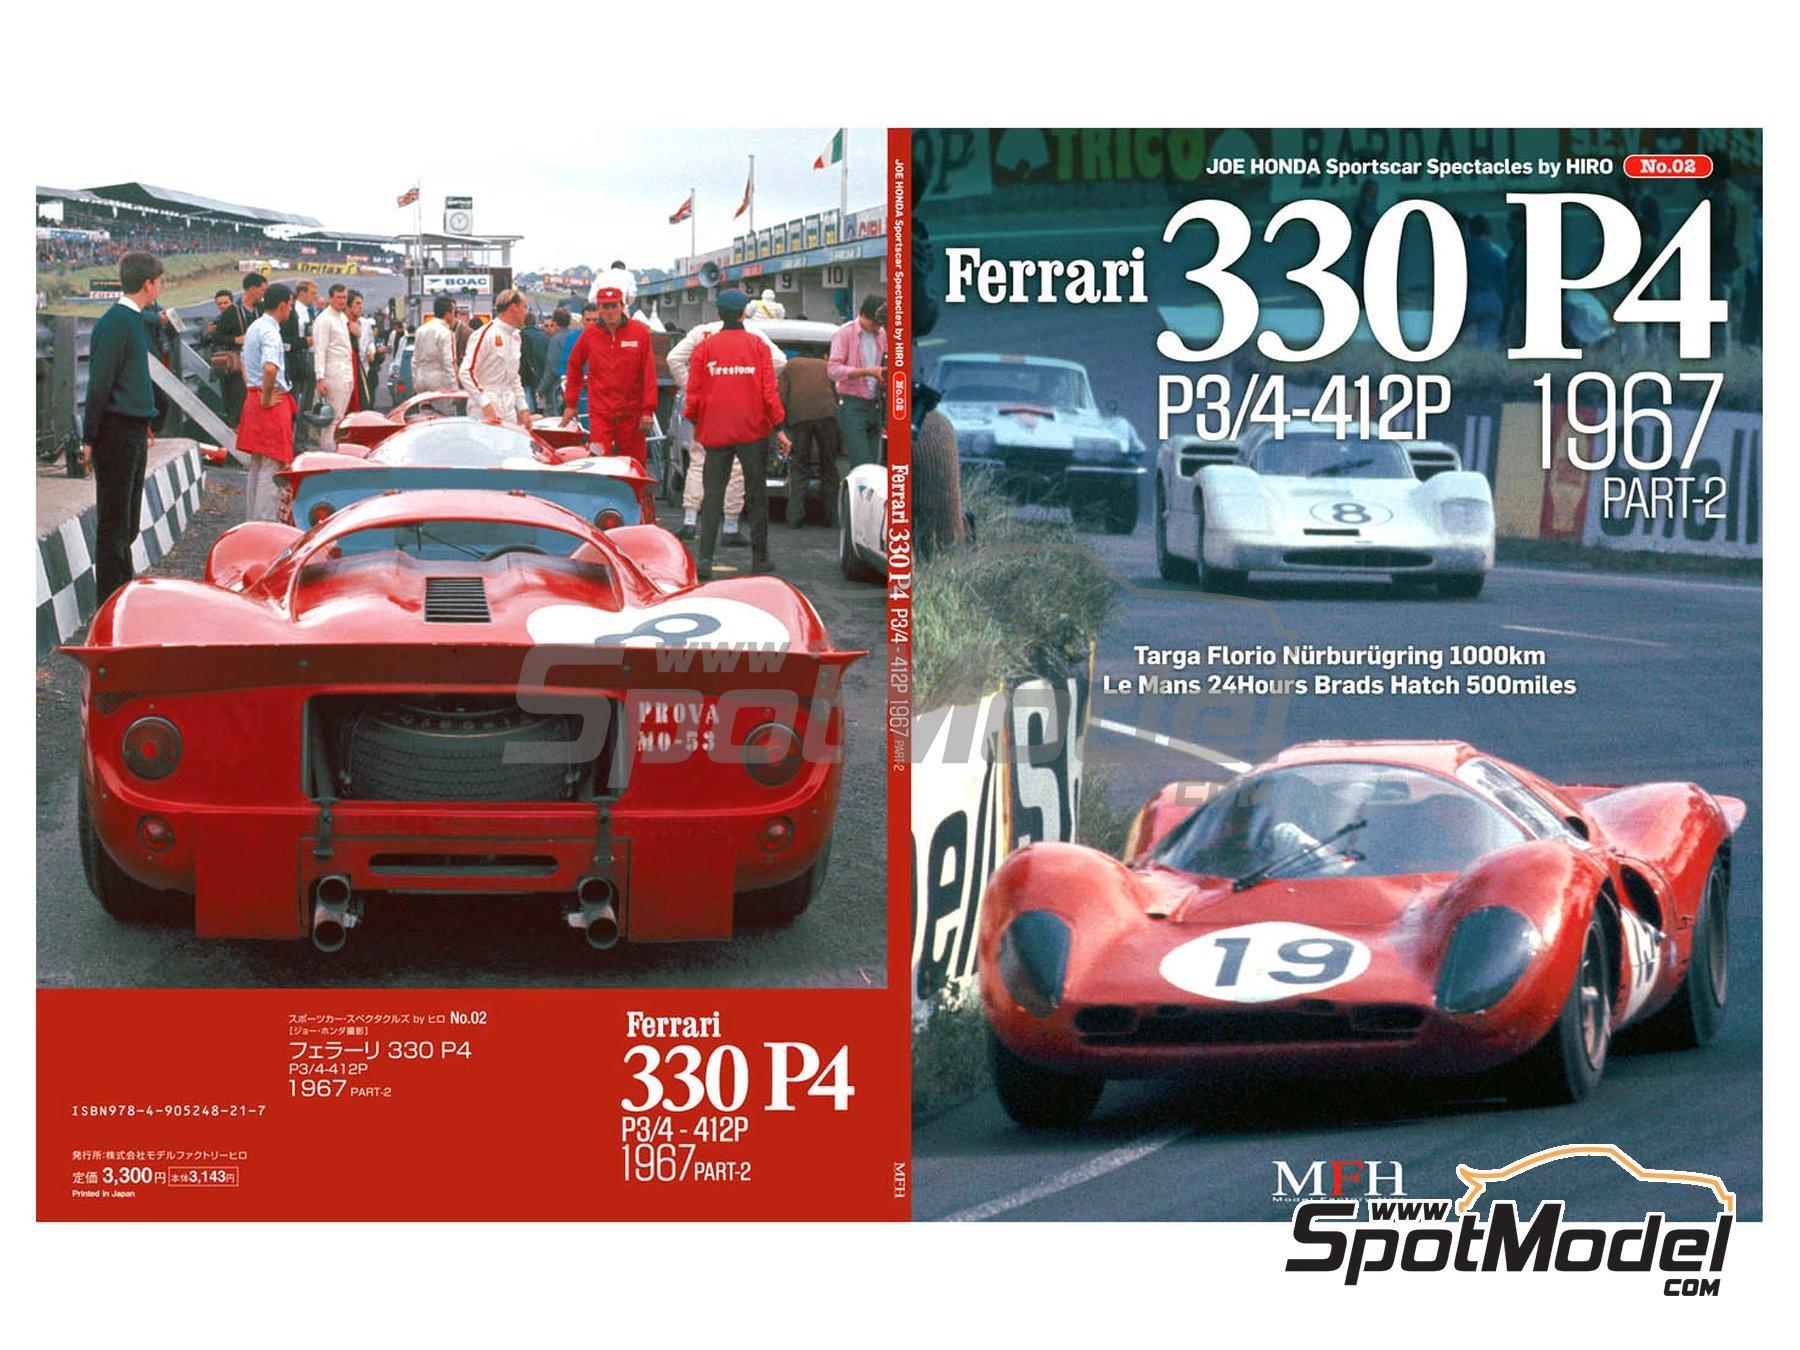 Image 1: JOE HONDA - Sportcar Spectacles - Ferrari 330P4 P3/4 - 412P - Parte Segunda -  1967 | Libro de referencia fabricado por Model Factory Hiro (ref.MFH-SS002)